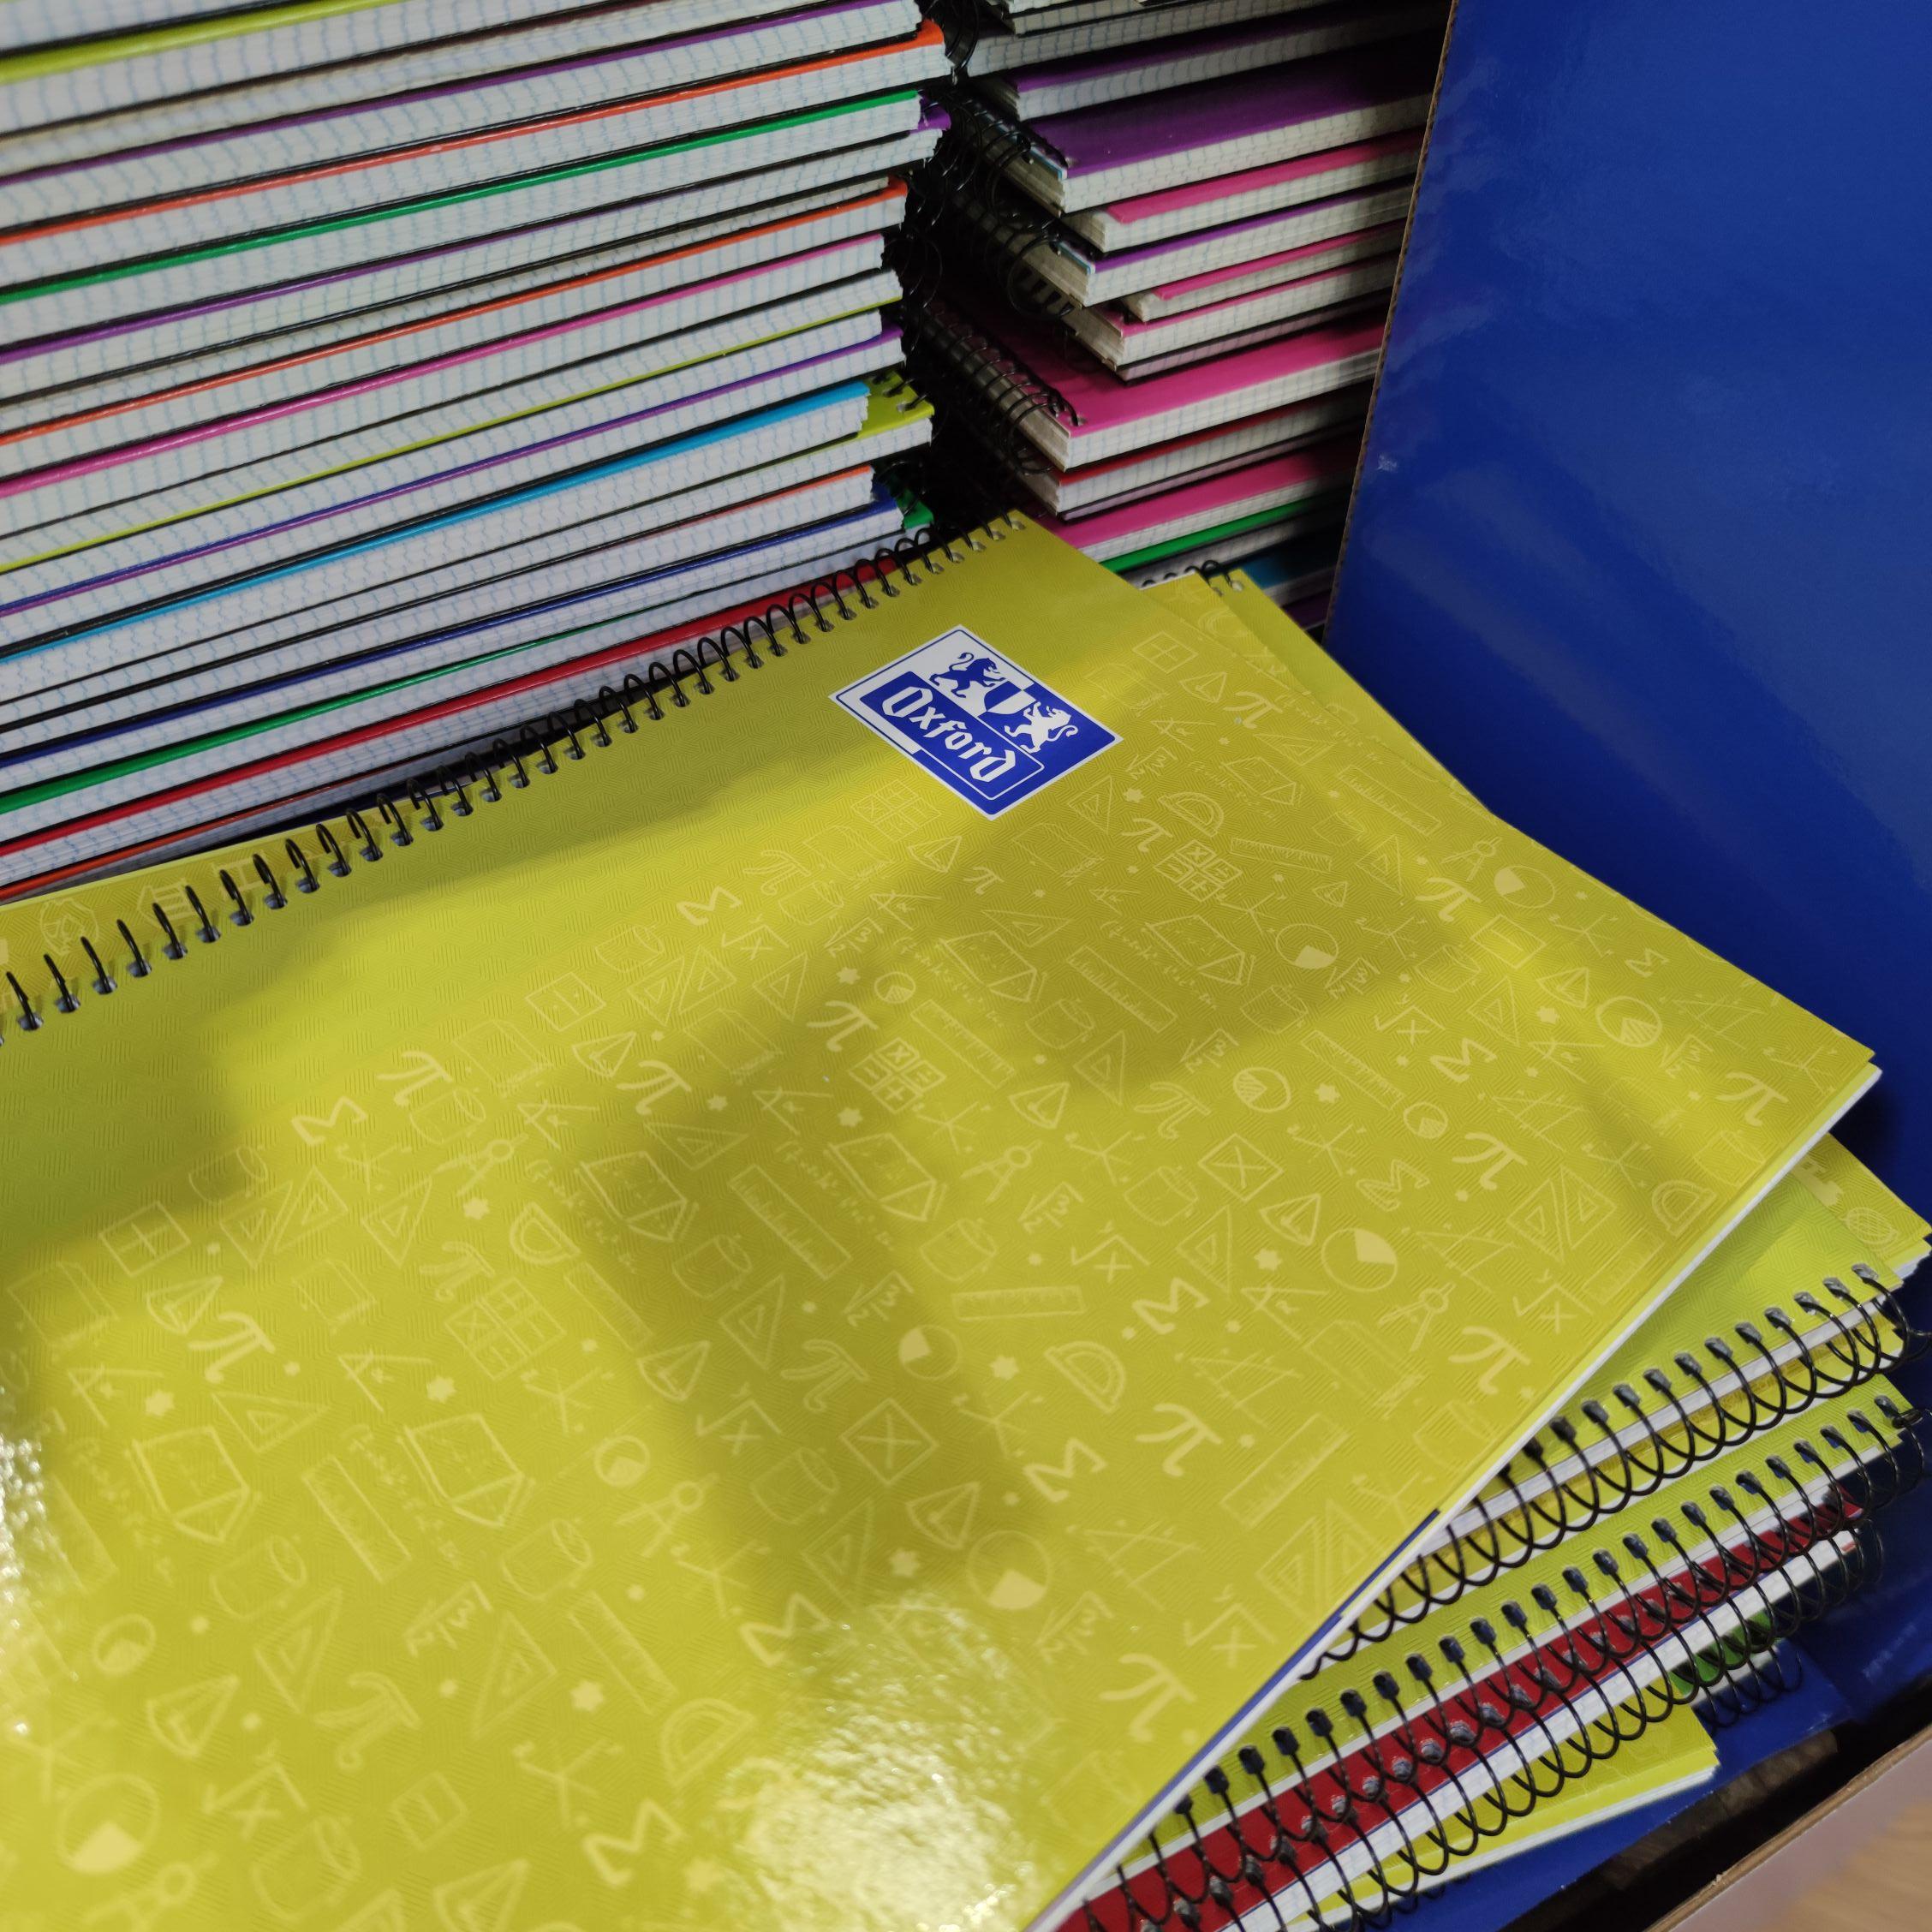 Cuadernos A4 Oxford/Enri (Carrefour Las Rozas)